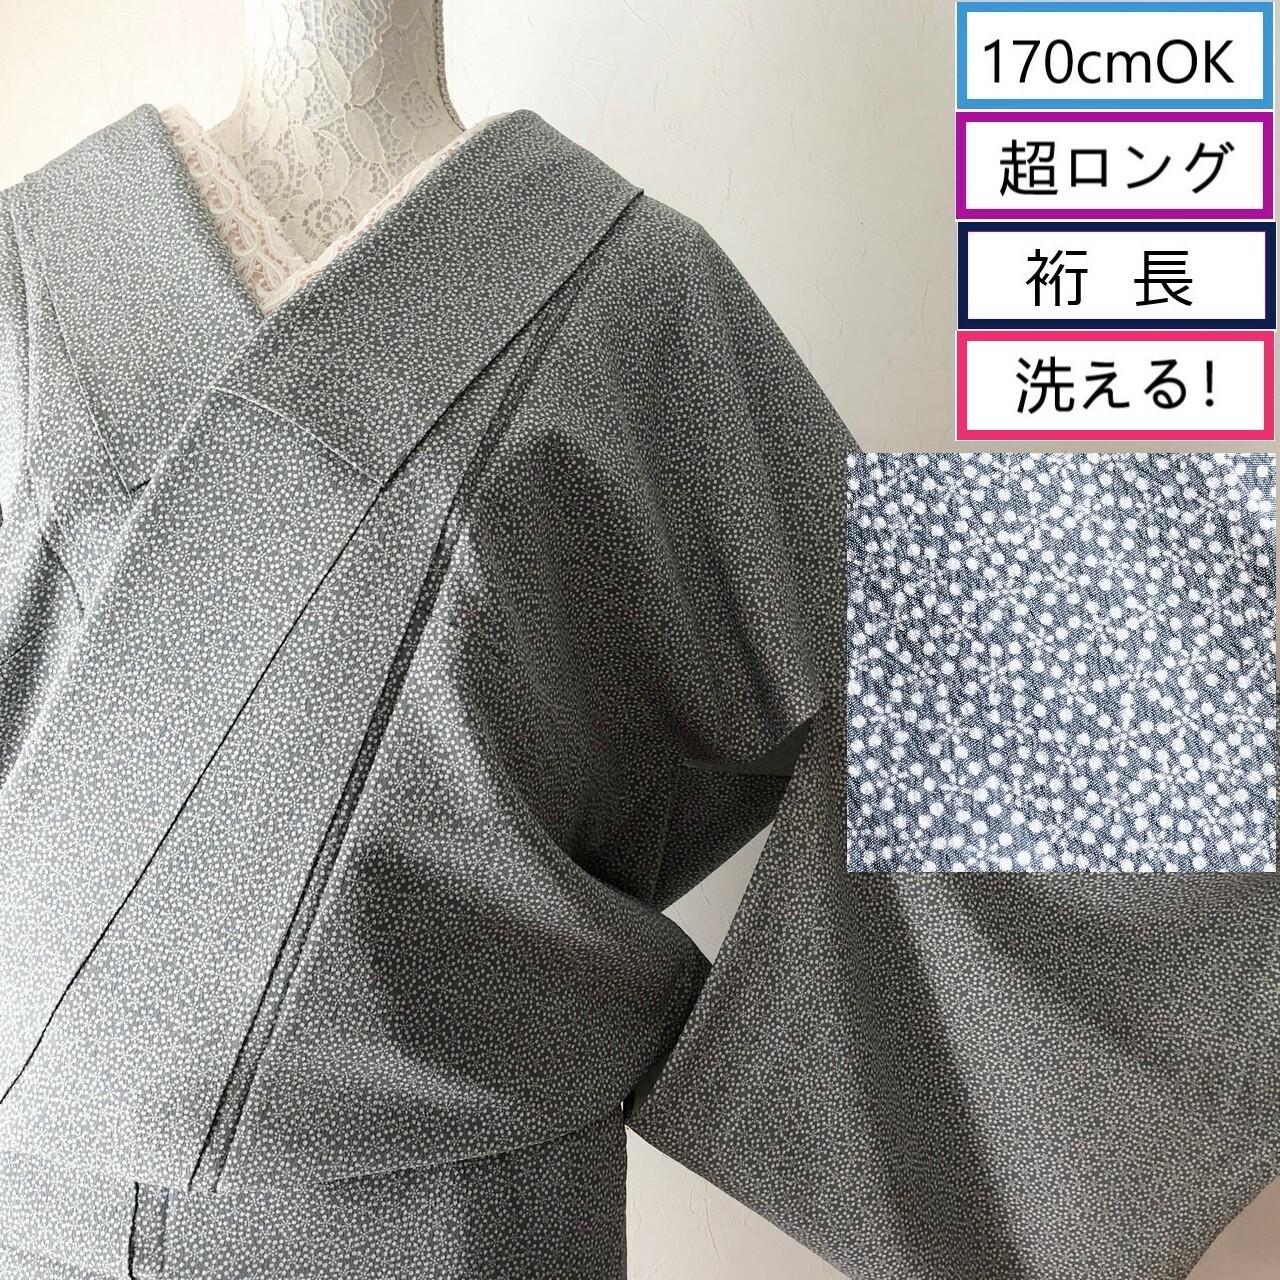 【超ロング丈の裄長】 洗える小紋 梅鉢柄  青みのライトグレー 丈175裄70